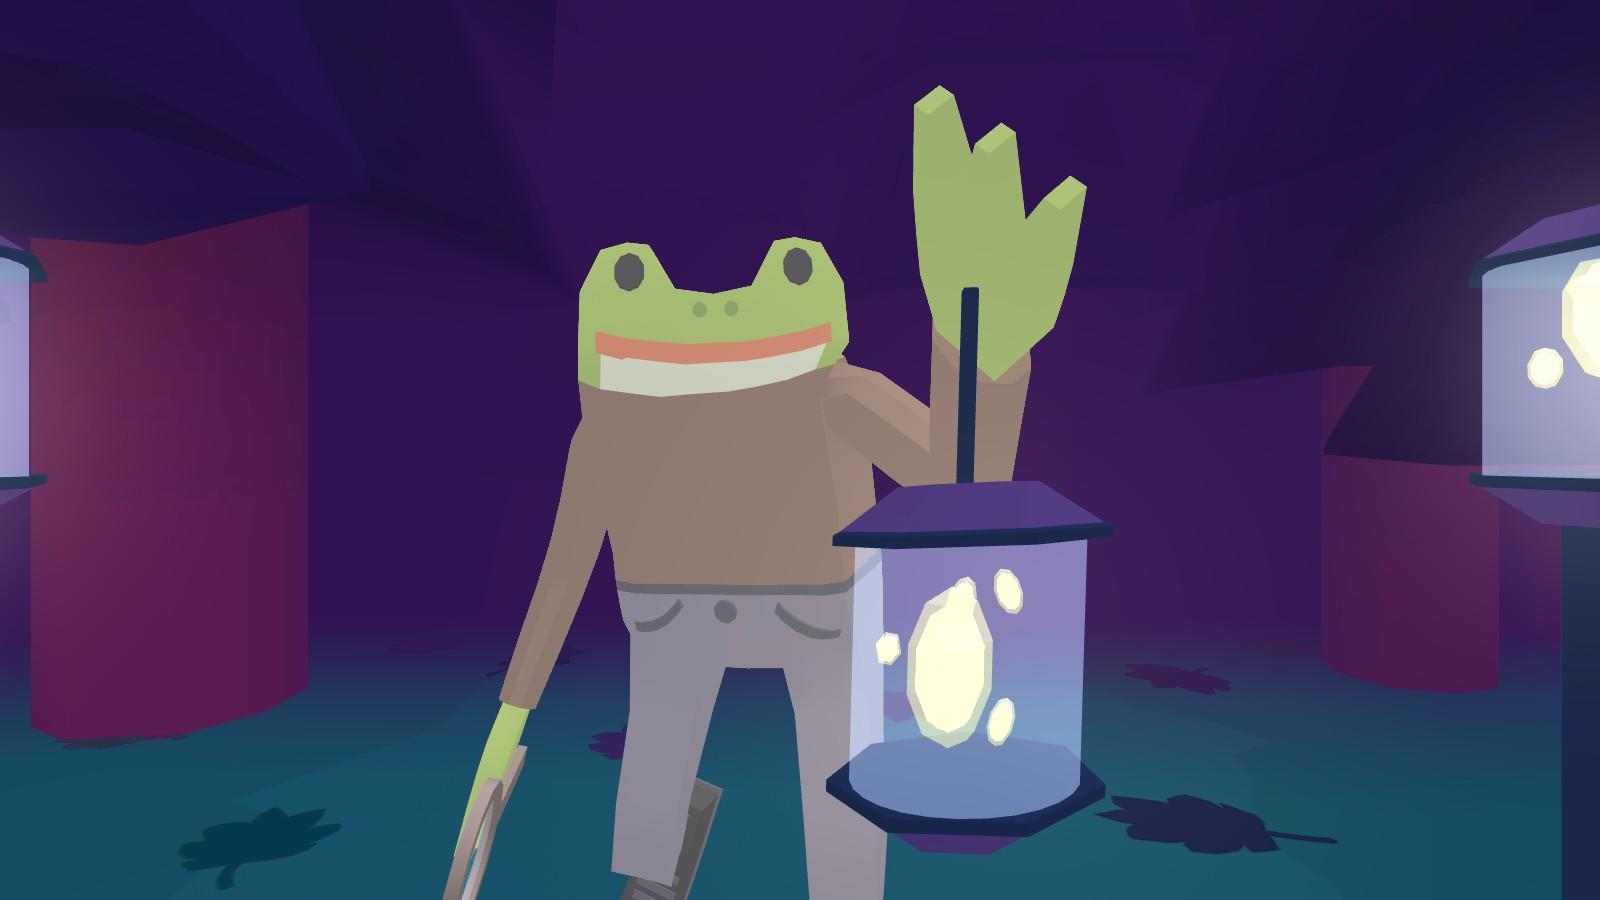 Thám tử ếch 2: Trường hợp của Đánh giá thuật sĩ vô hình 1